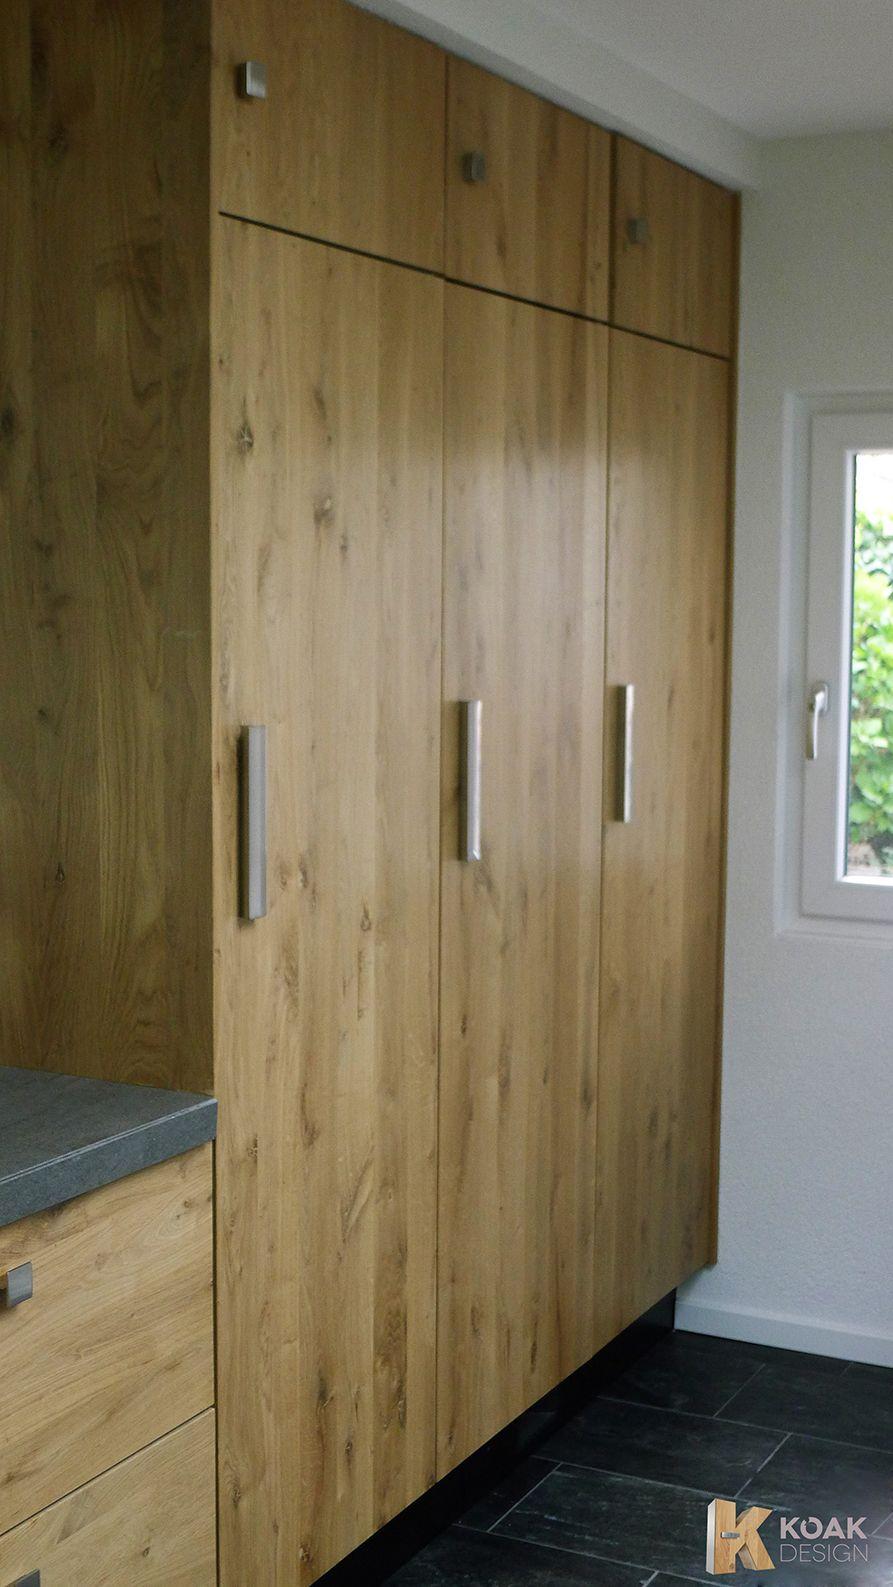 koak design ikea keuken | kuzhina moderne | pinterest | design